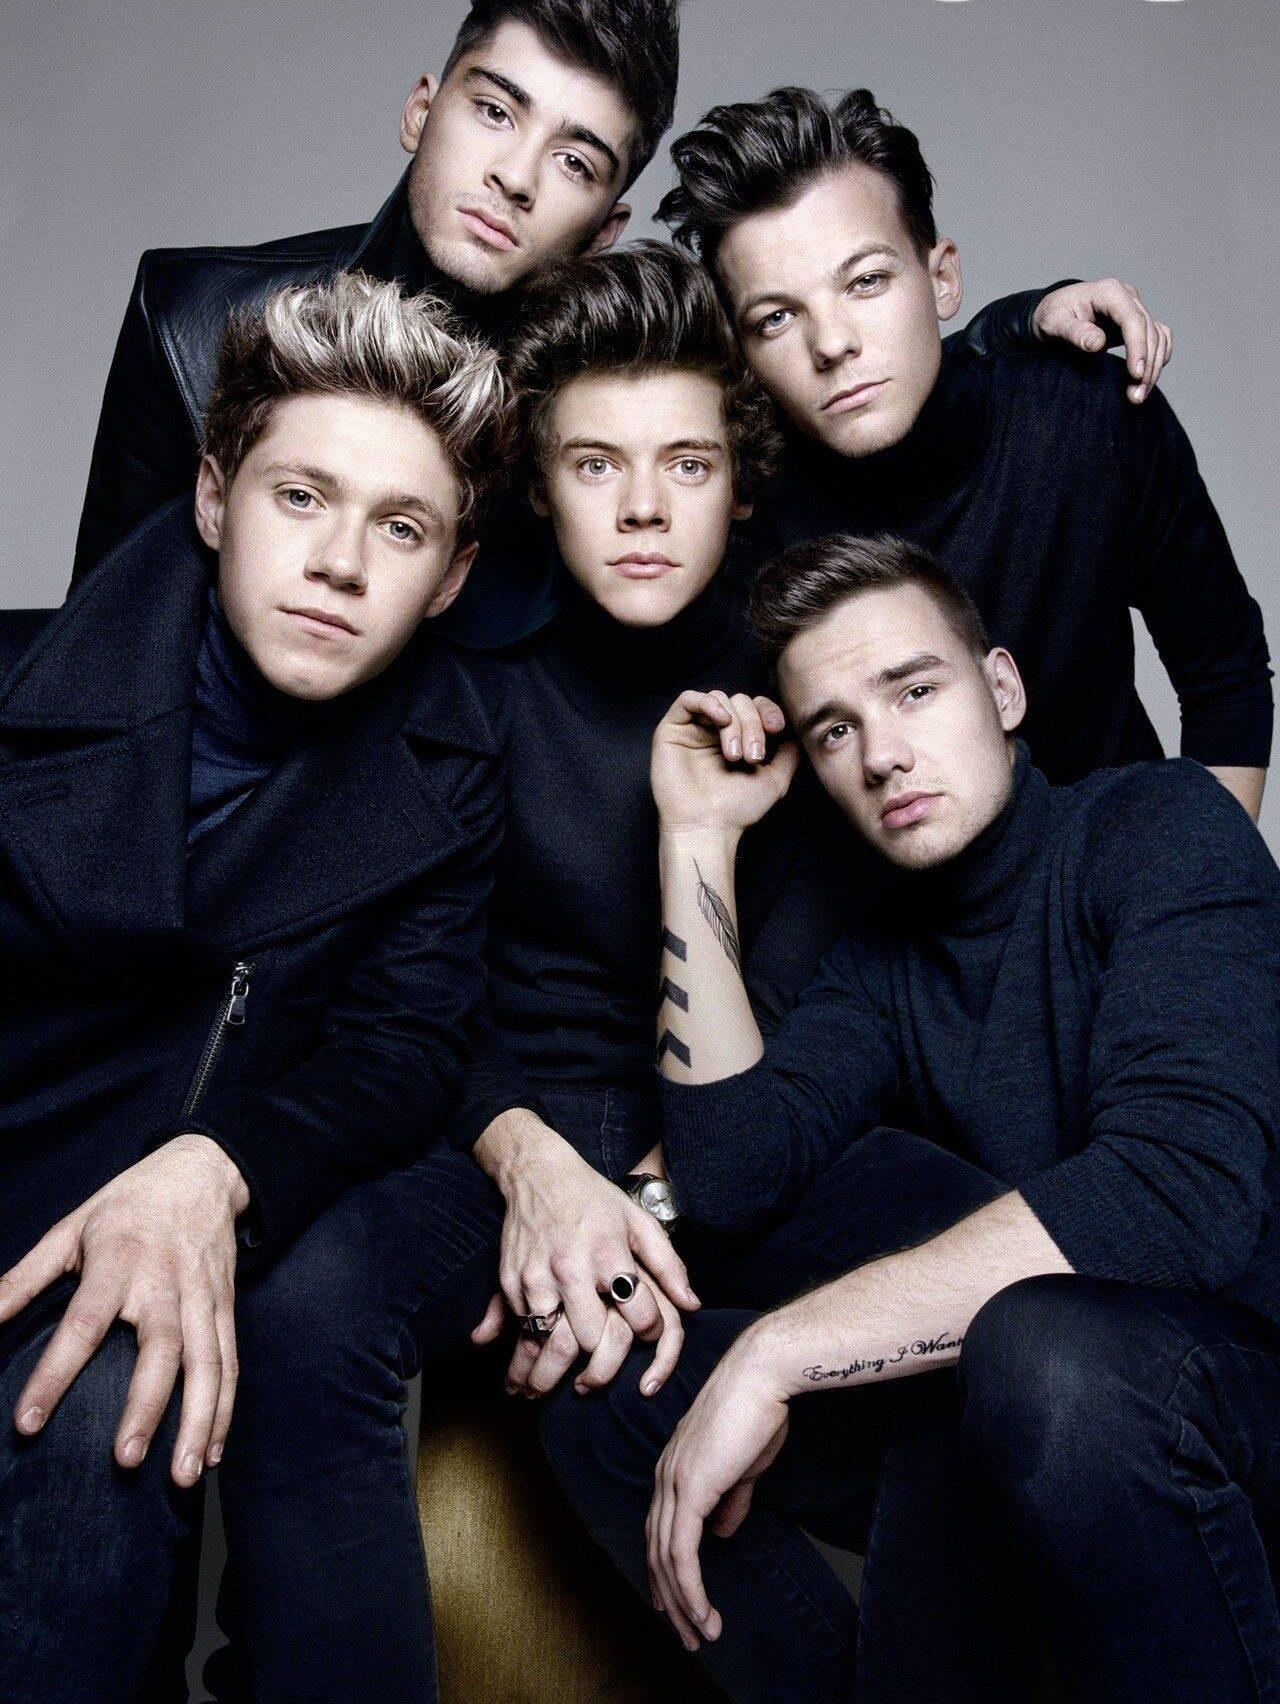 Simon Cowell decidiu juntá-lo com outros meninos, formando uma das boybands mais famosas de todos os tempos. (Foto: Divulgação)